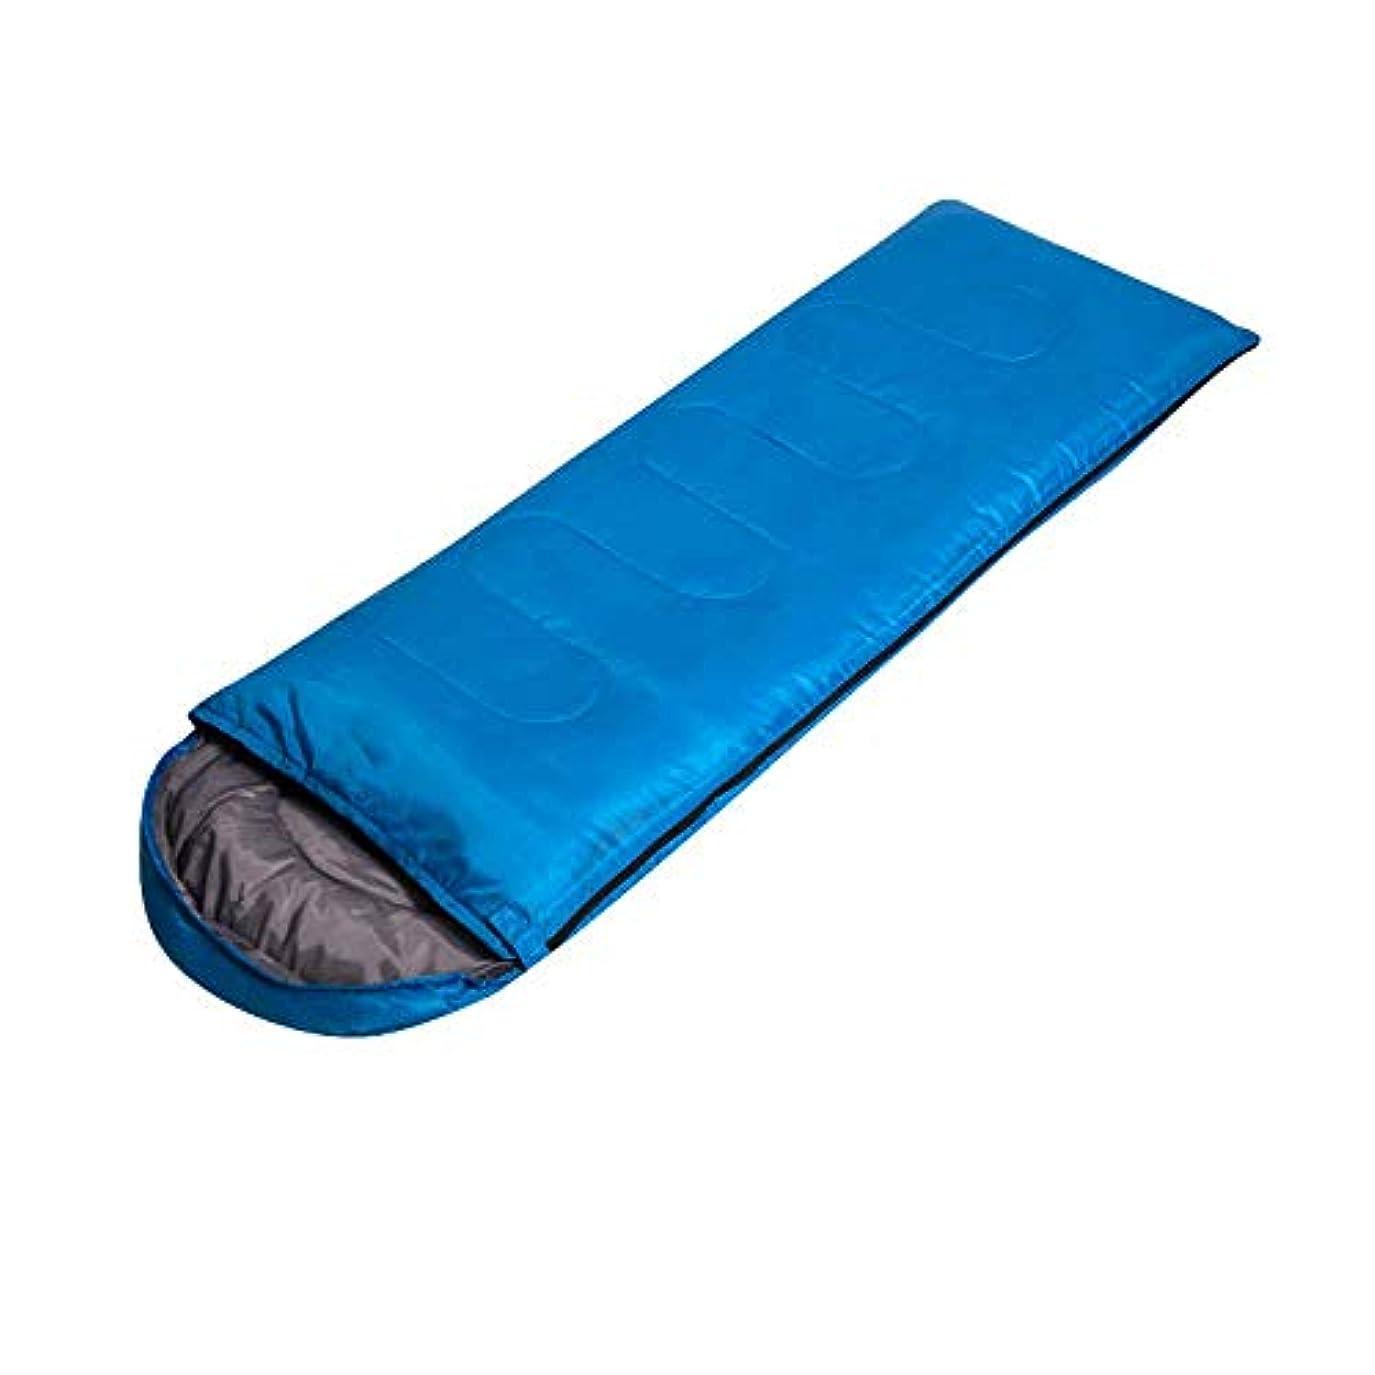 かわいらしいトロイの木馬判決アウトドアエンベロープ寝袋キャンプ旅行ハイキング多機能超軽量1000 gに言及する価値がある